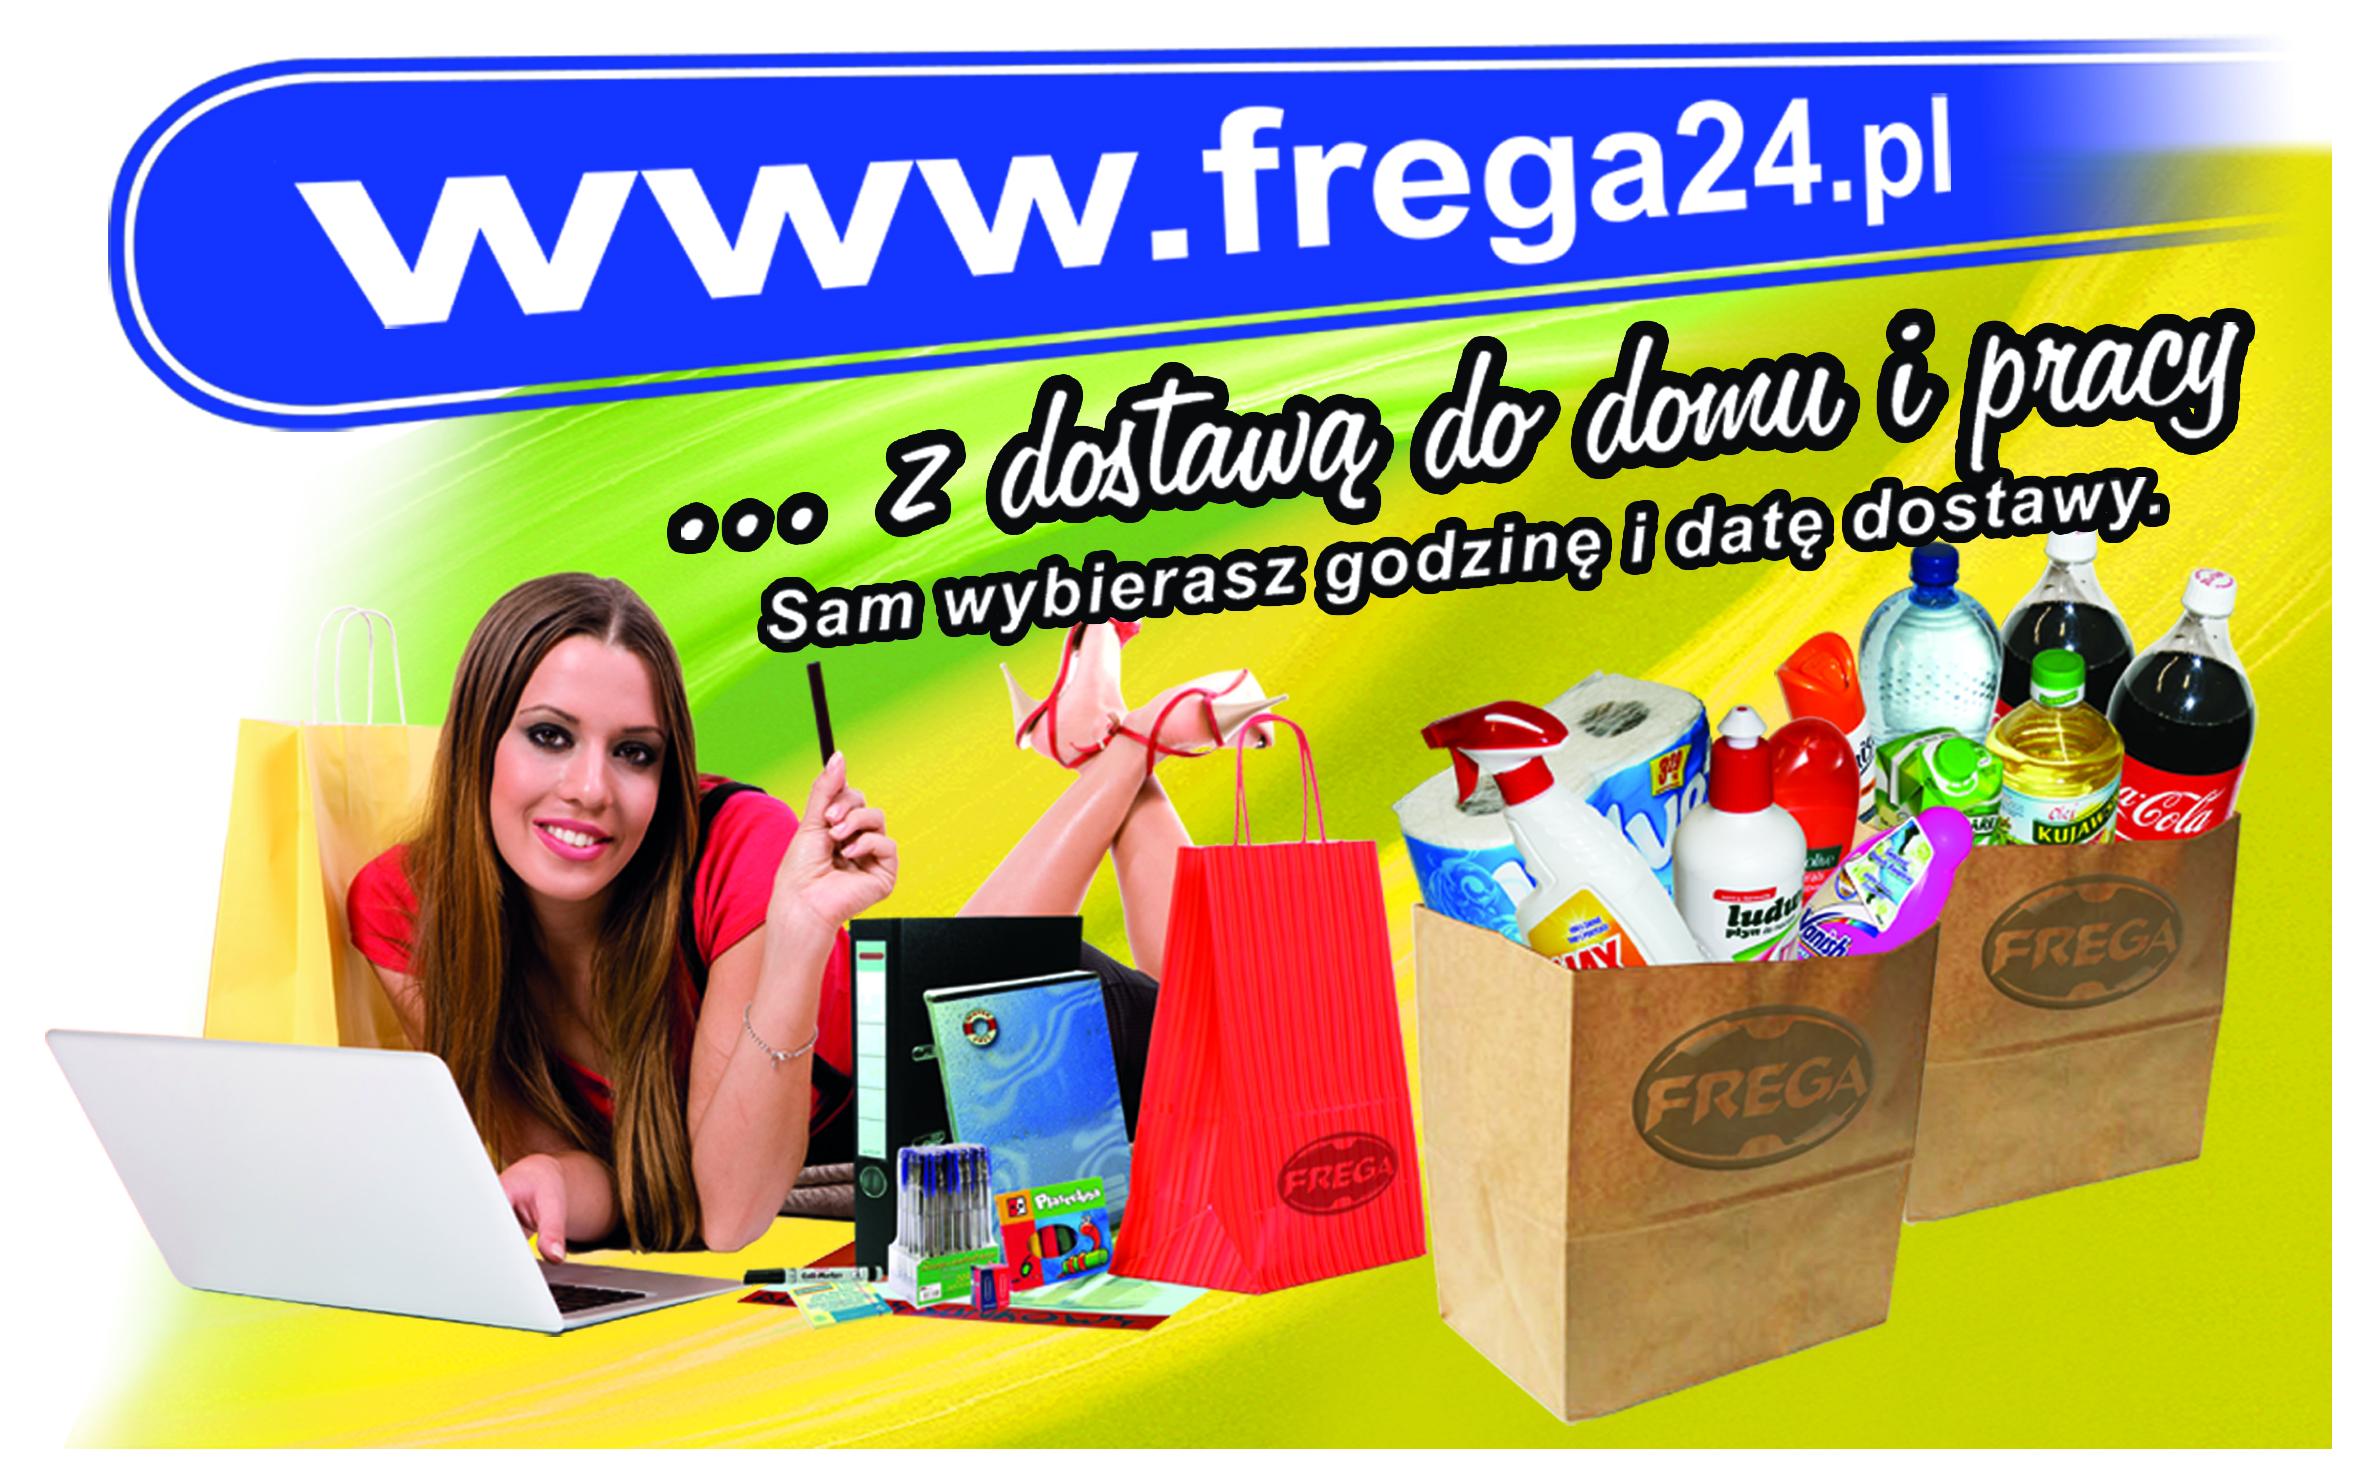 Frega24 - zakupy z dostawą do domu, firmy, instytucji